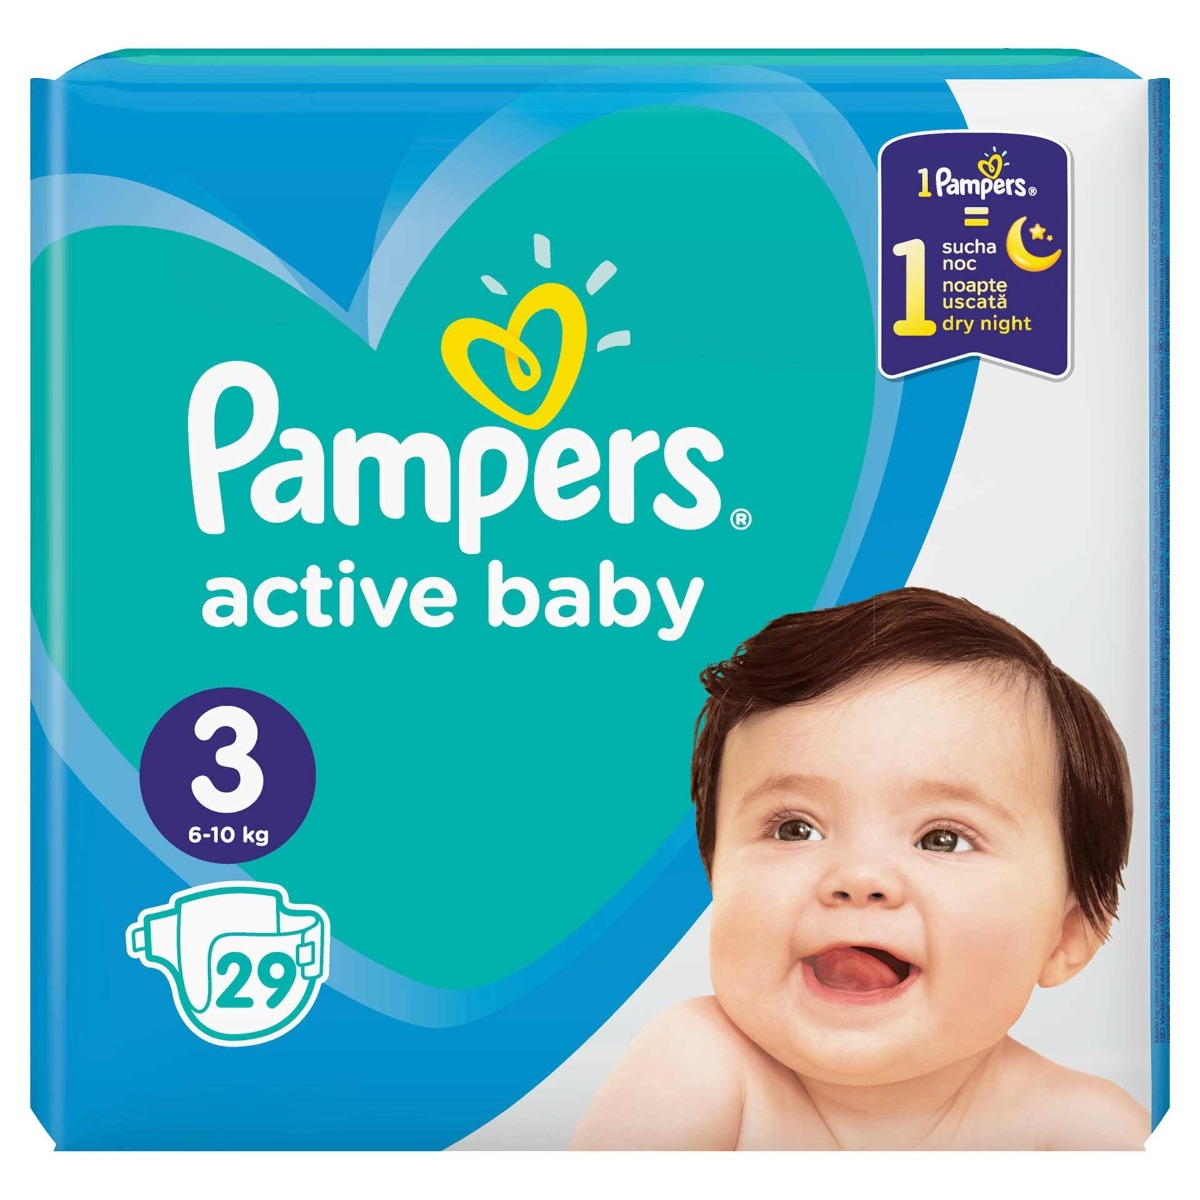 Scutece Active Baby Giant Pack marimea 3 pentru 6-10kg, 29 bucati, Pampers